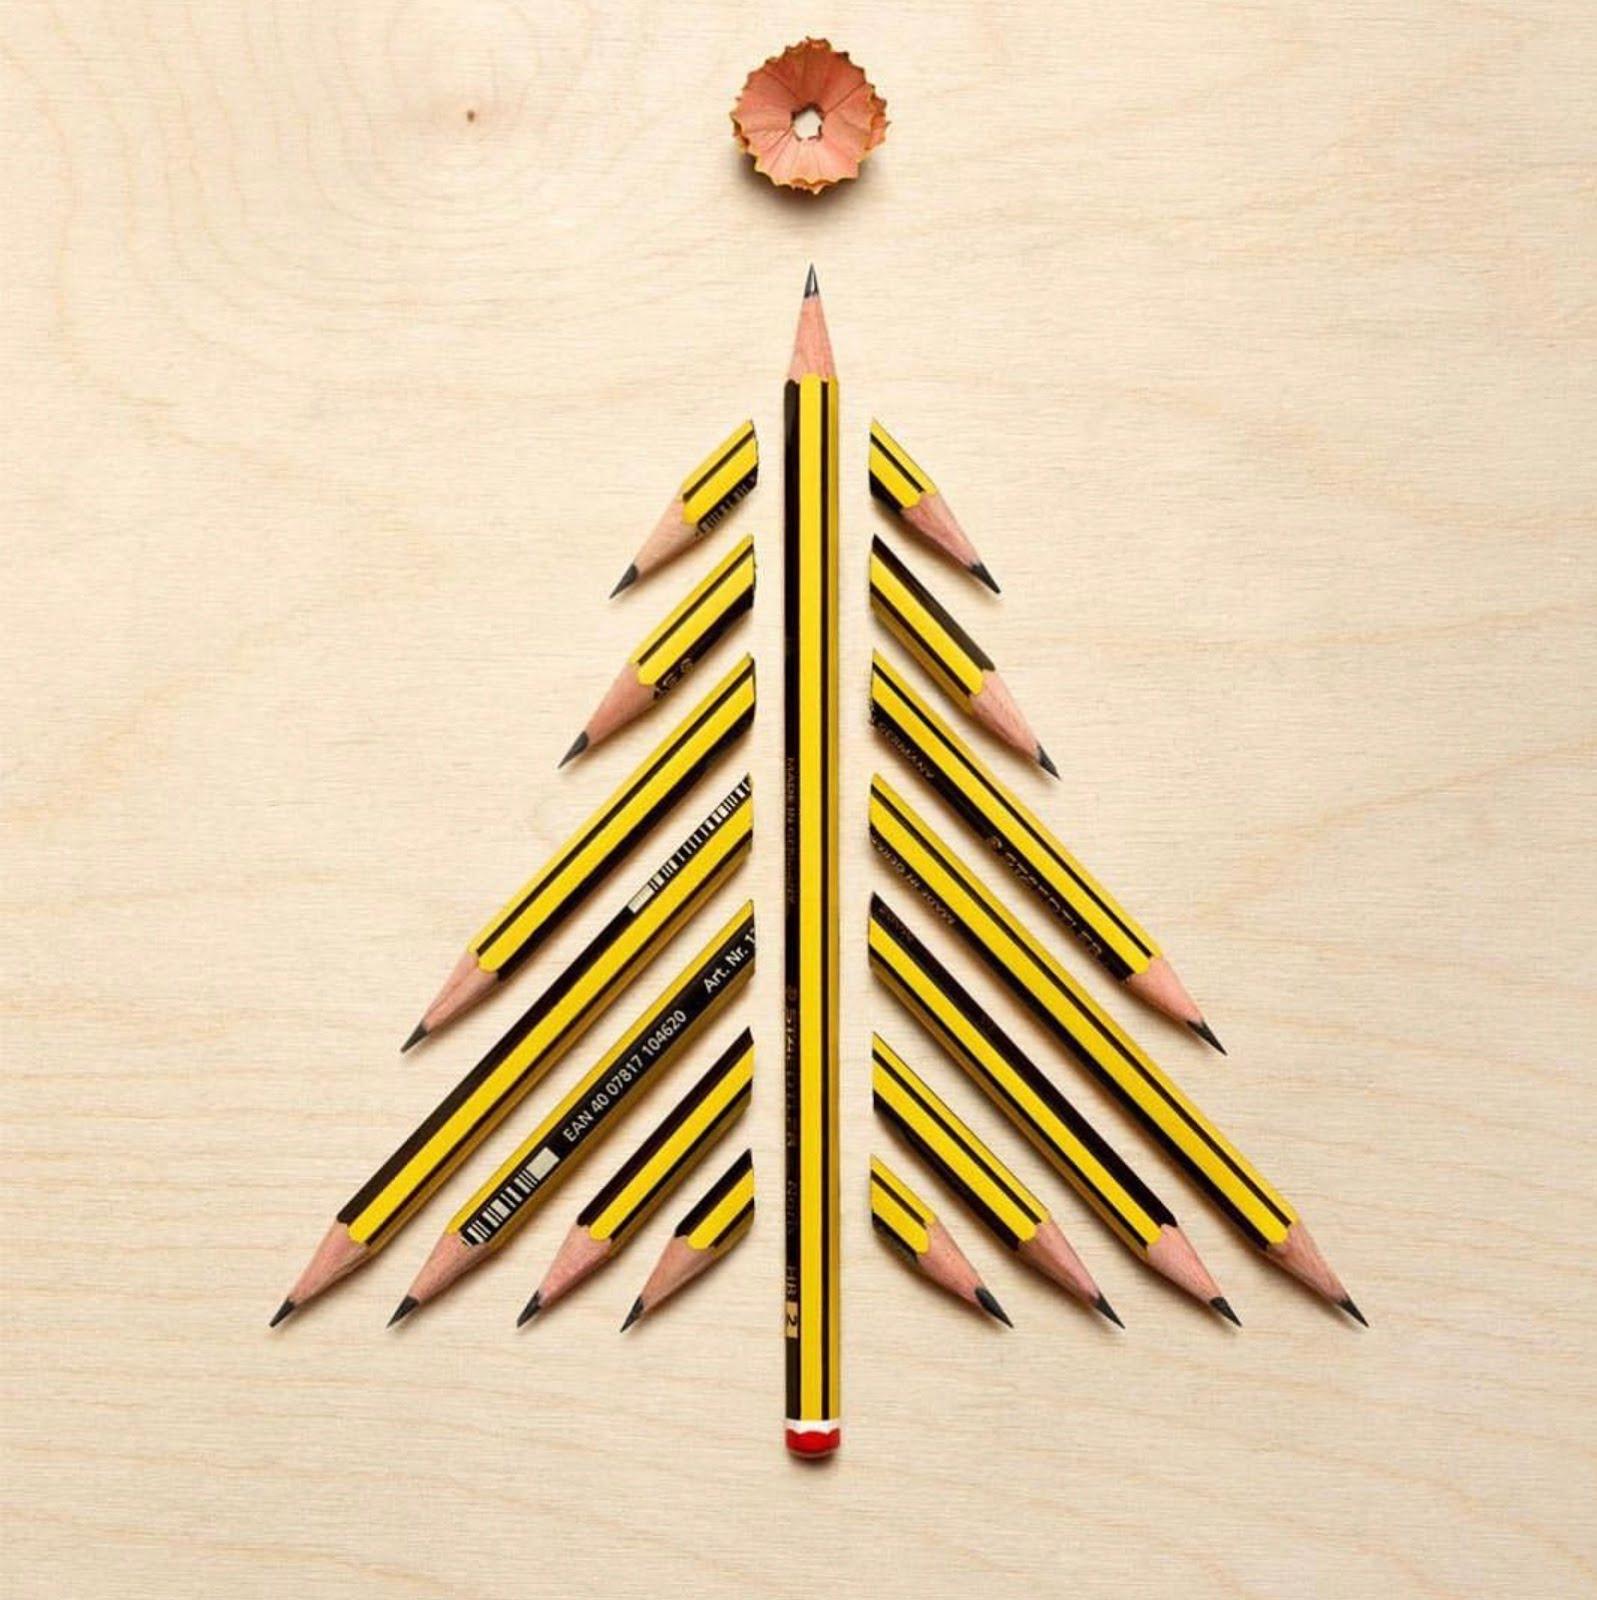 Года свадьбы, открытка елка из карандашей